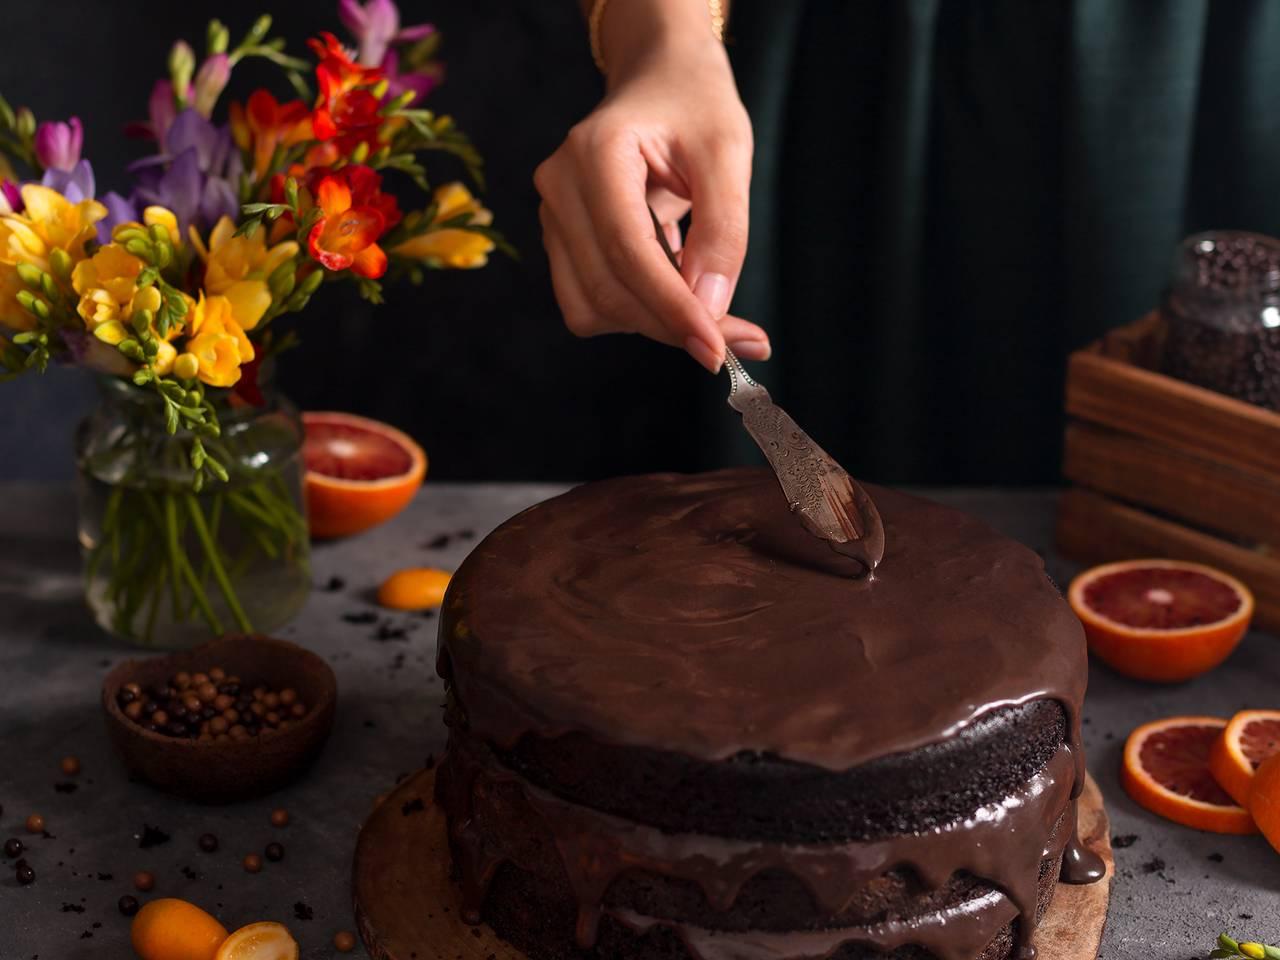 Homemade Salted Chocolate Ganache Recipe